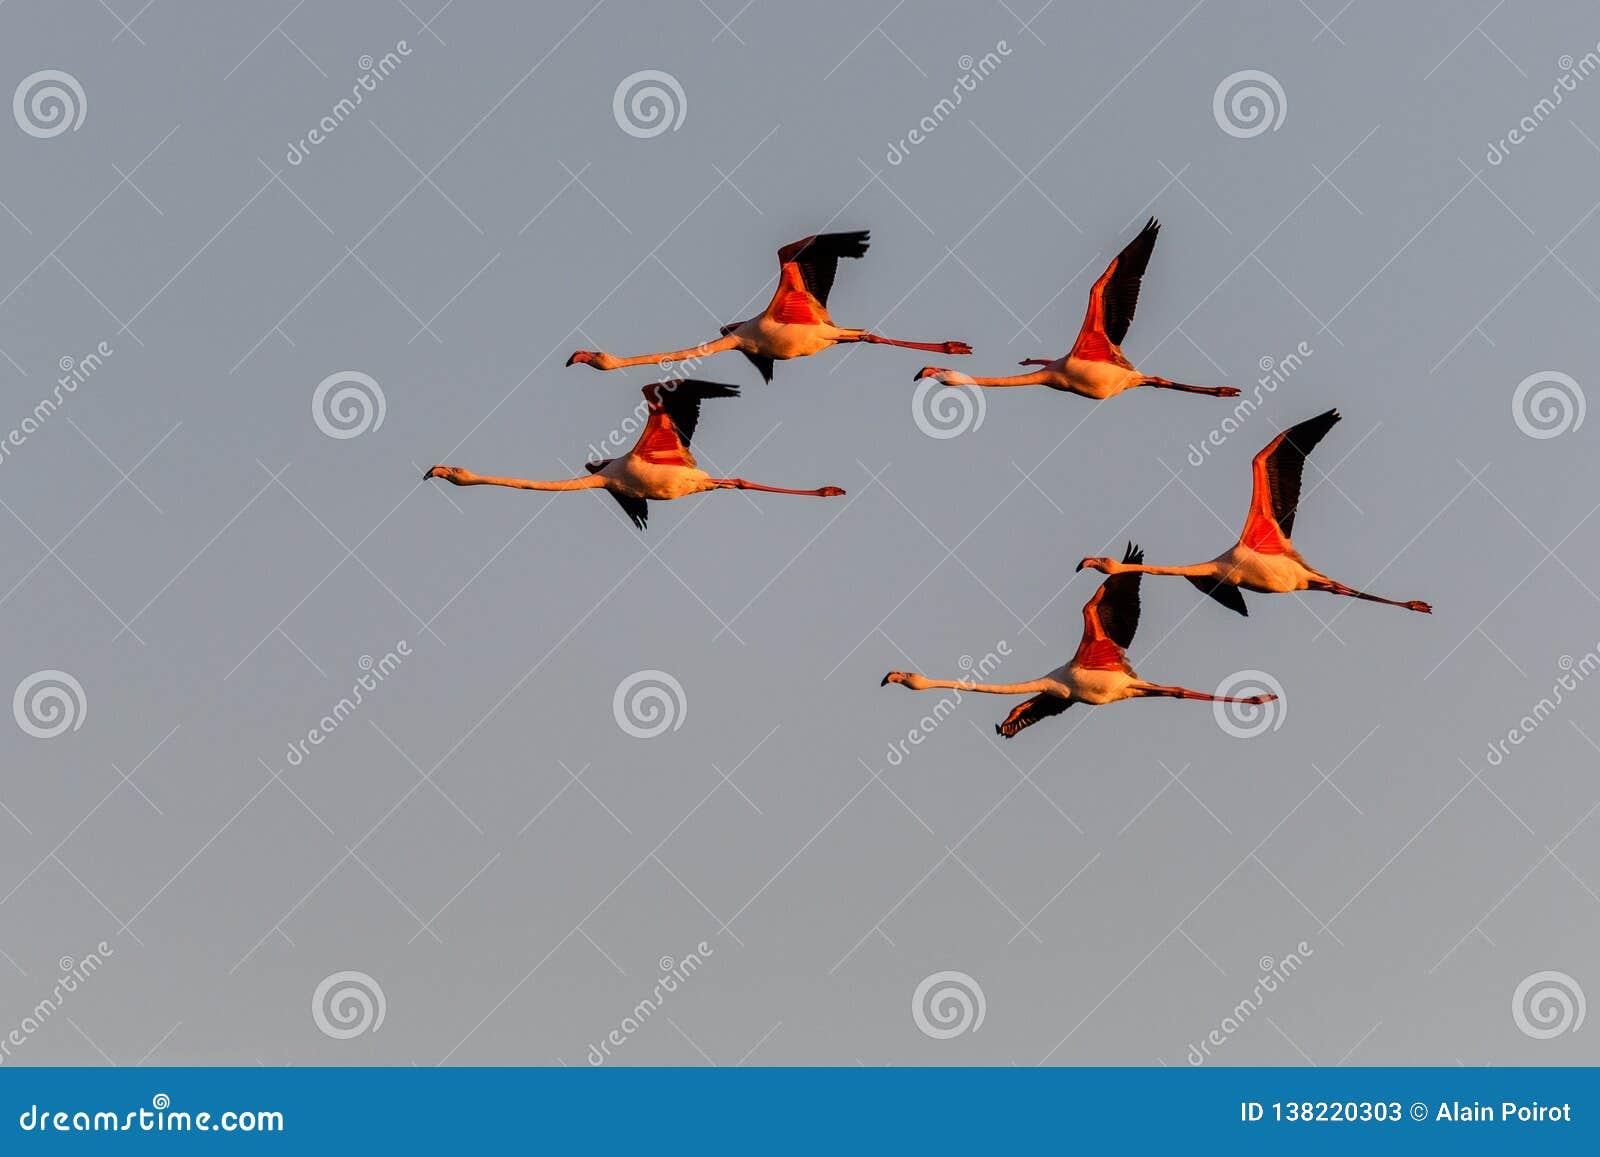 Eine Menge von Flamingos im Flug